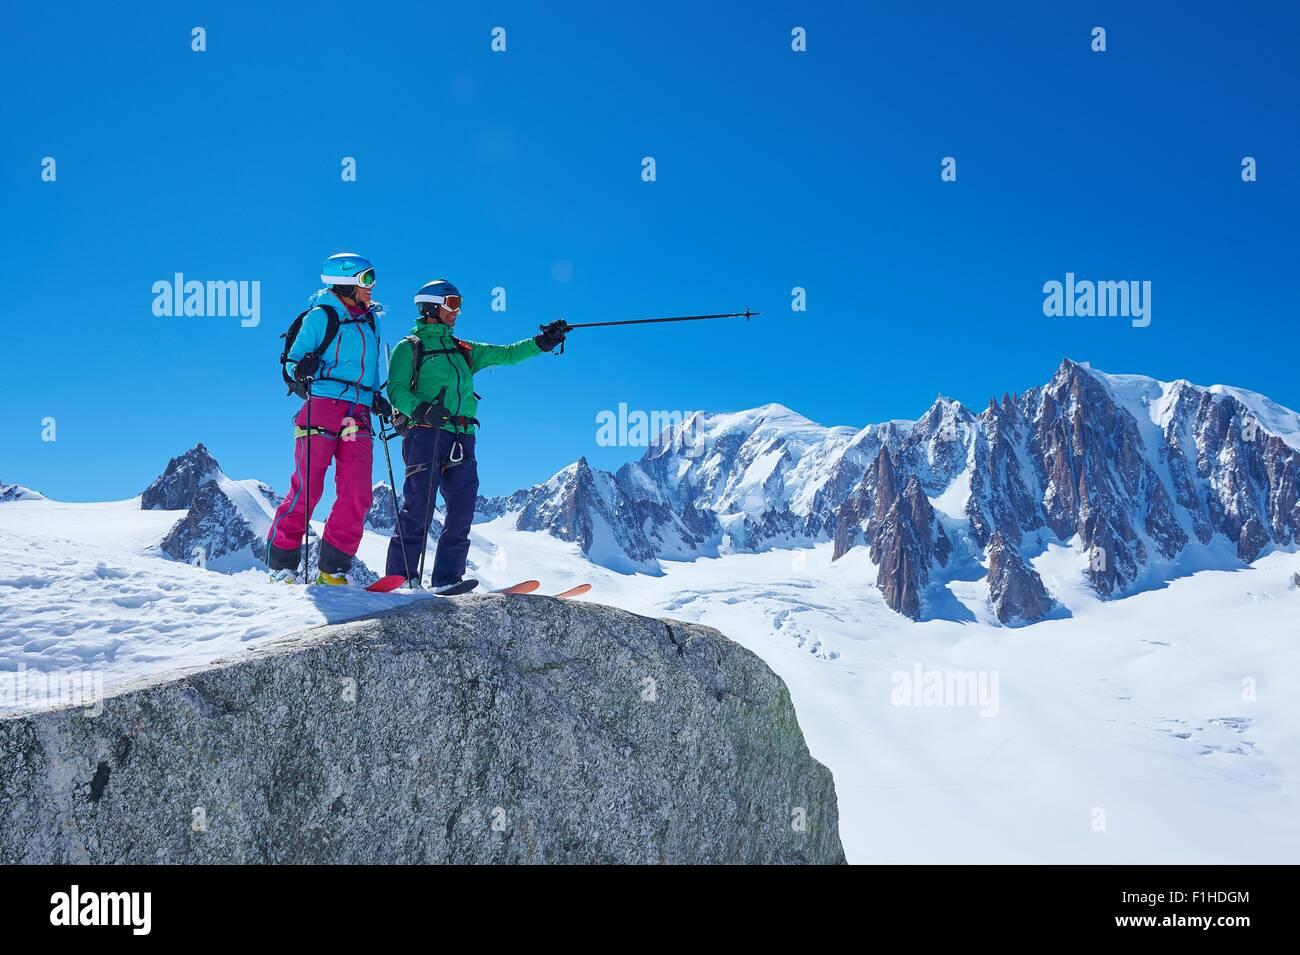 Les skieurs masculins et féminins qui pointe de crête sur le massif du Mont Blanc, Graian Alps, France Photo Stock